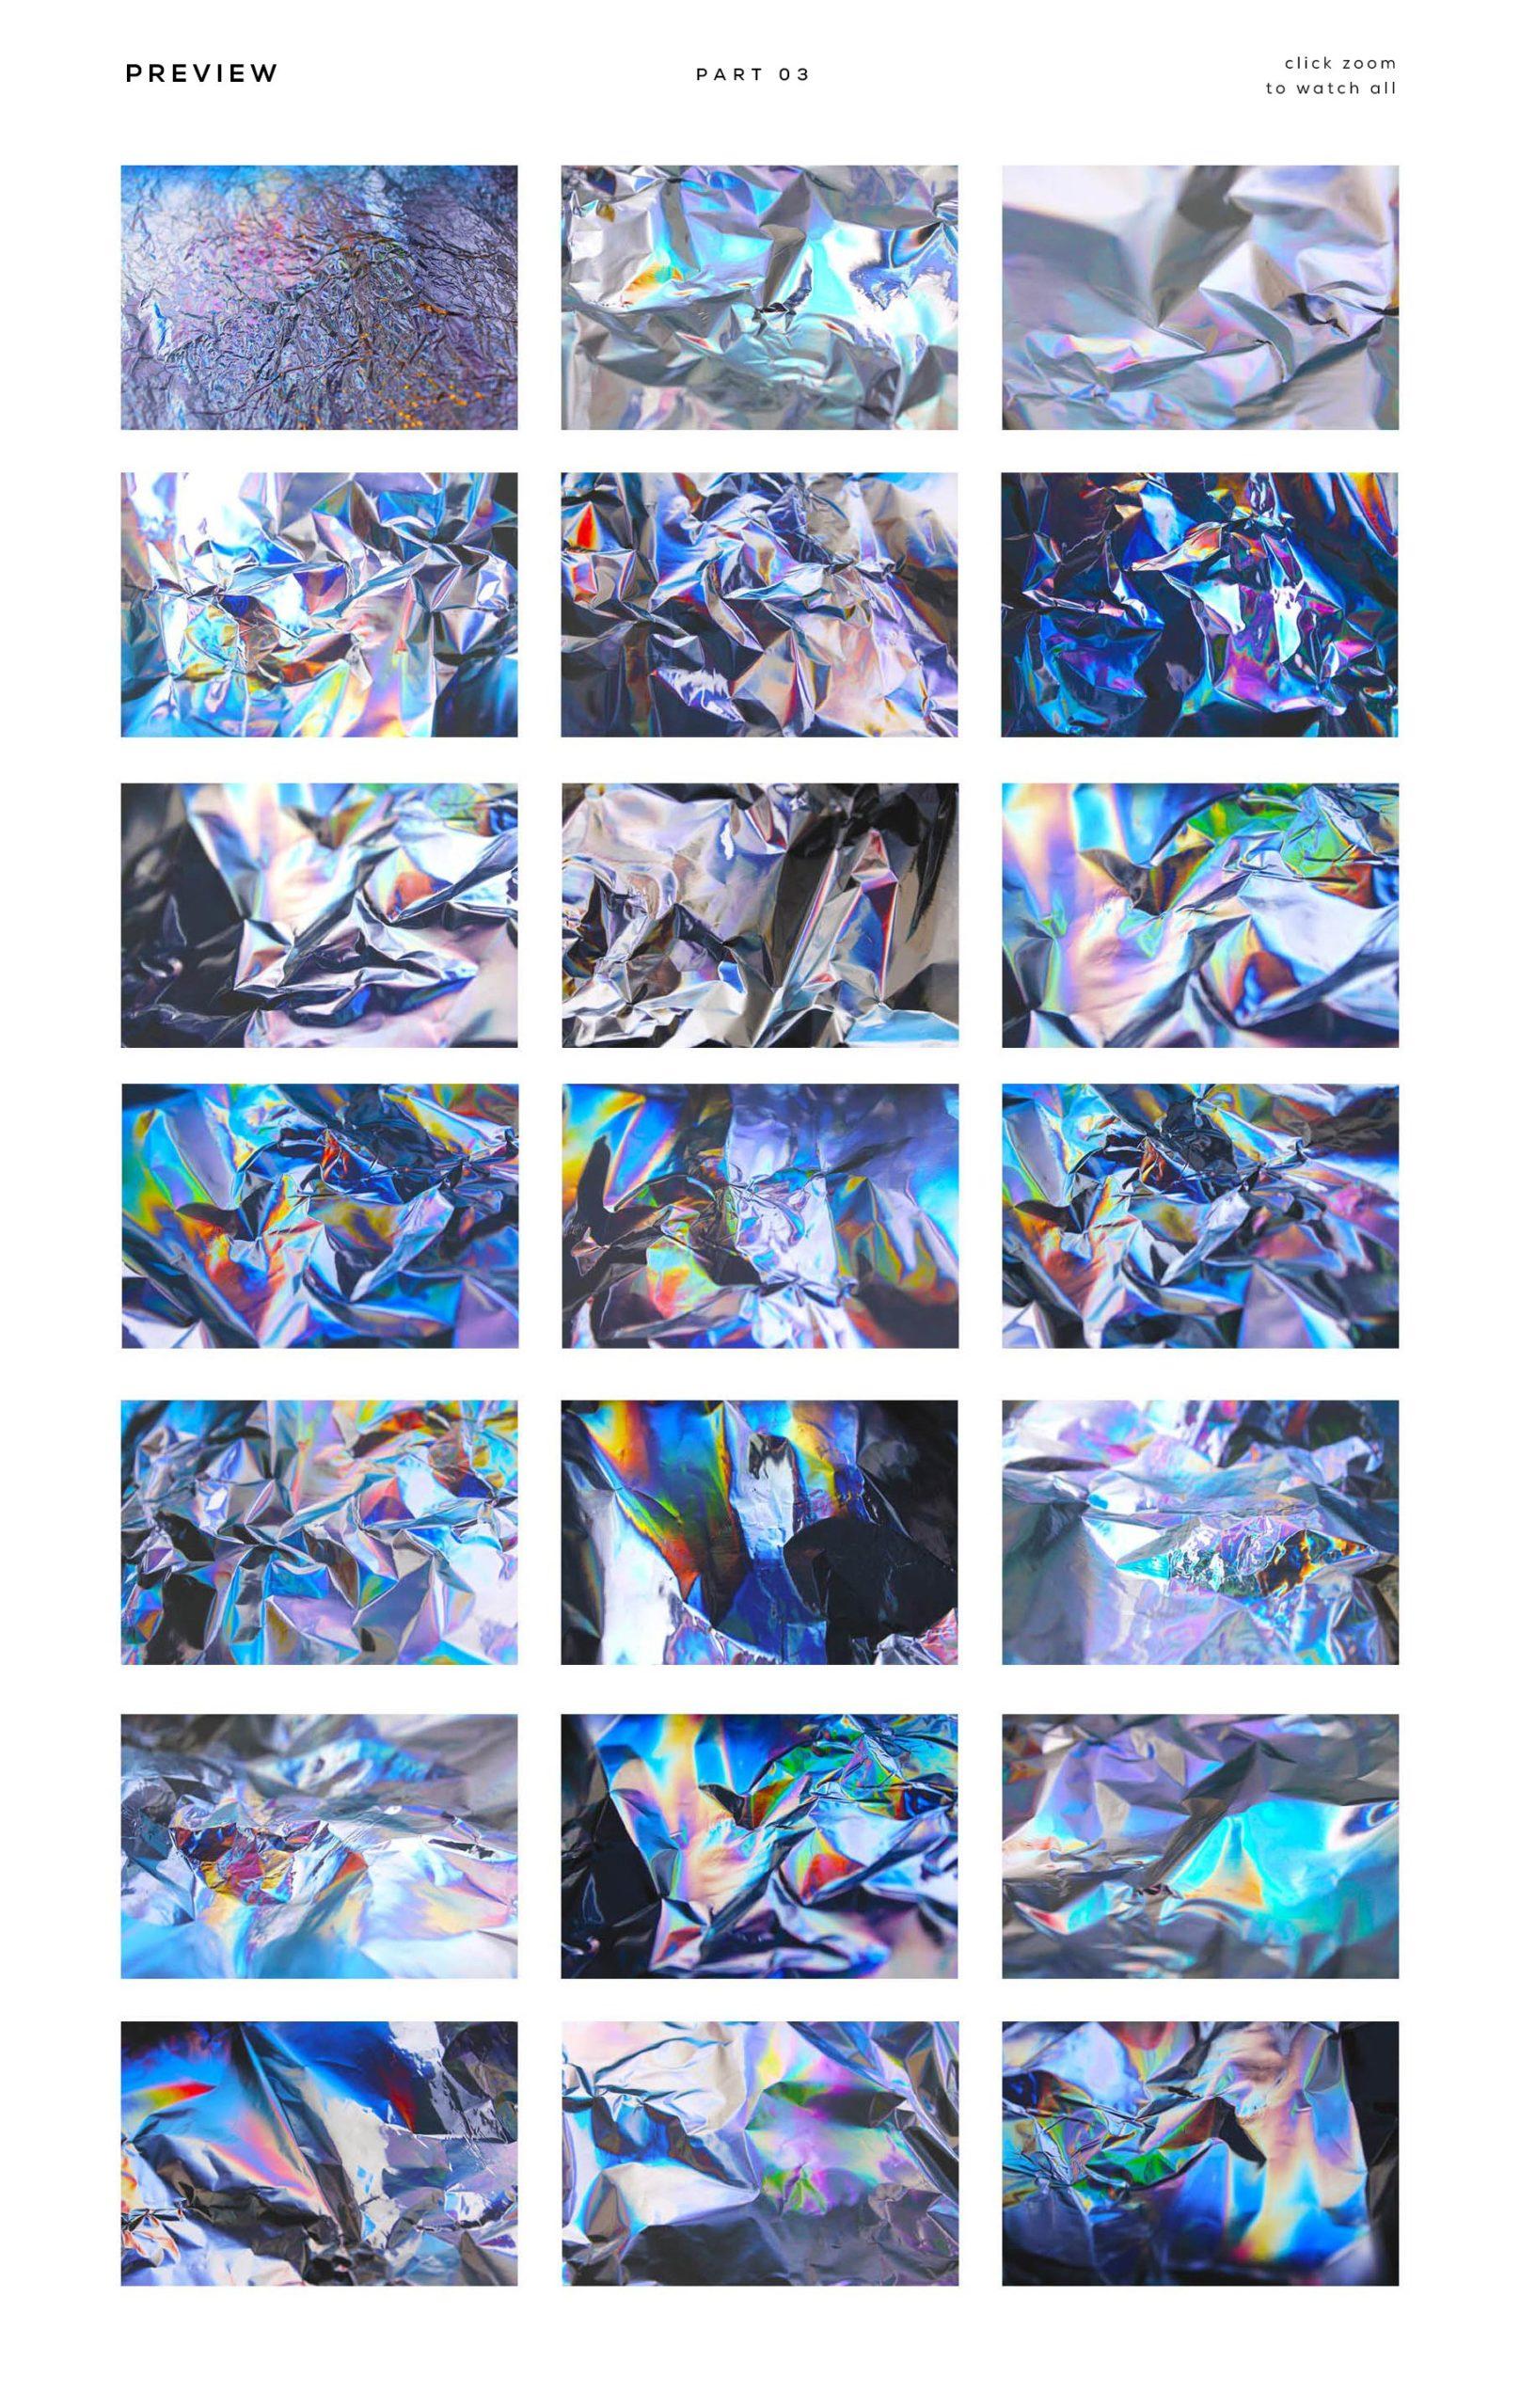 [淘宝购买] 90款潮流炫彩全息镭射金属箔纸海报设计肌理纹理背景图片设计素材 90 Holographic Foil Textures插图11